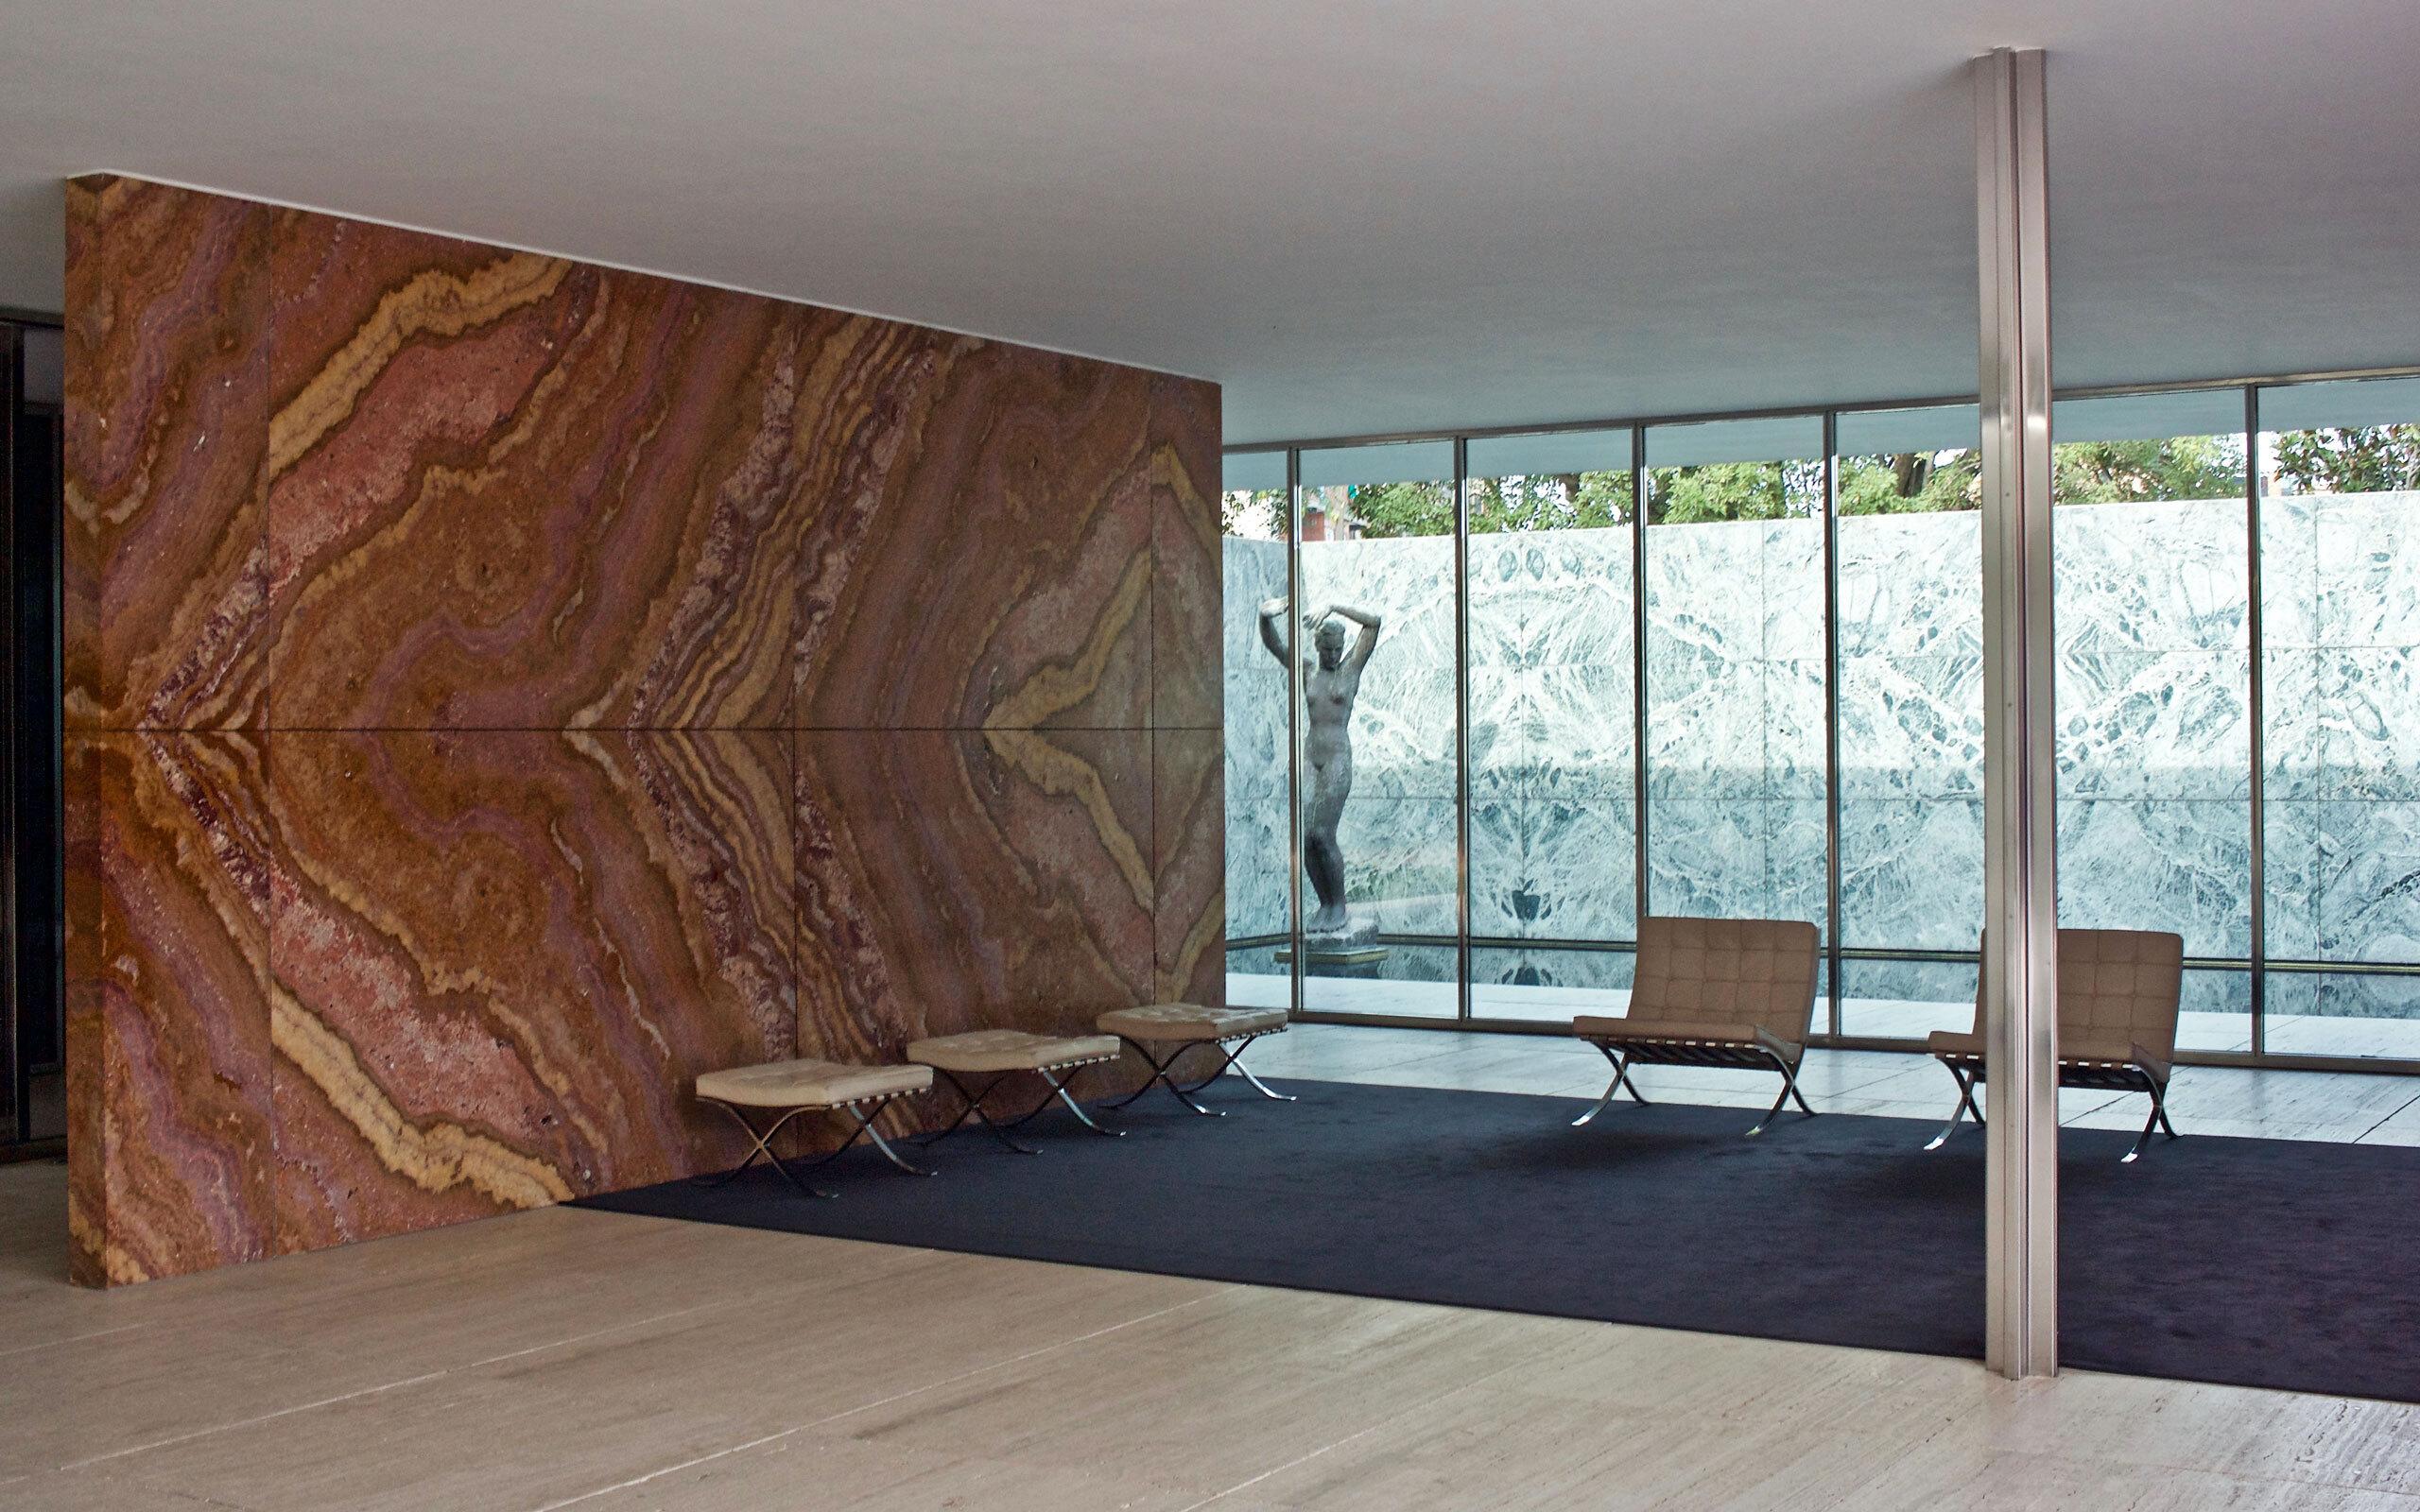 Barcelona Pavilion Mies van der Rohe c Naotake Murayama